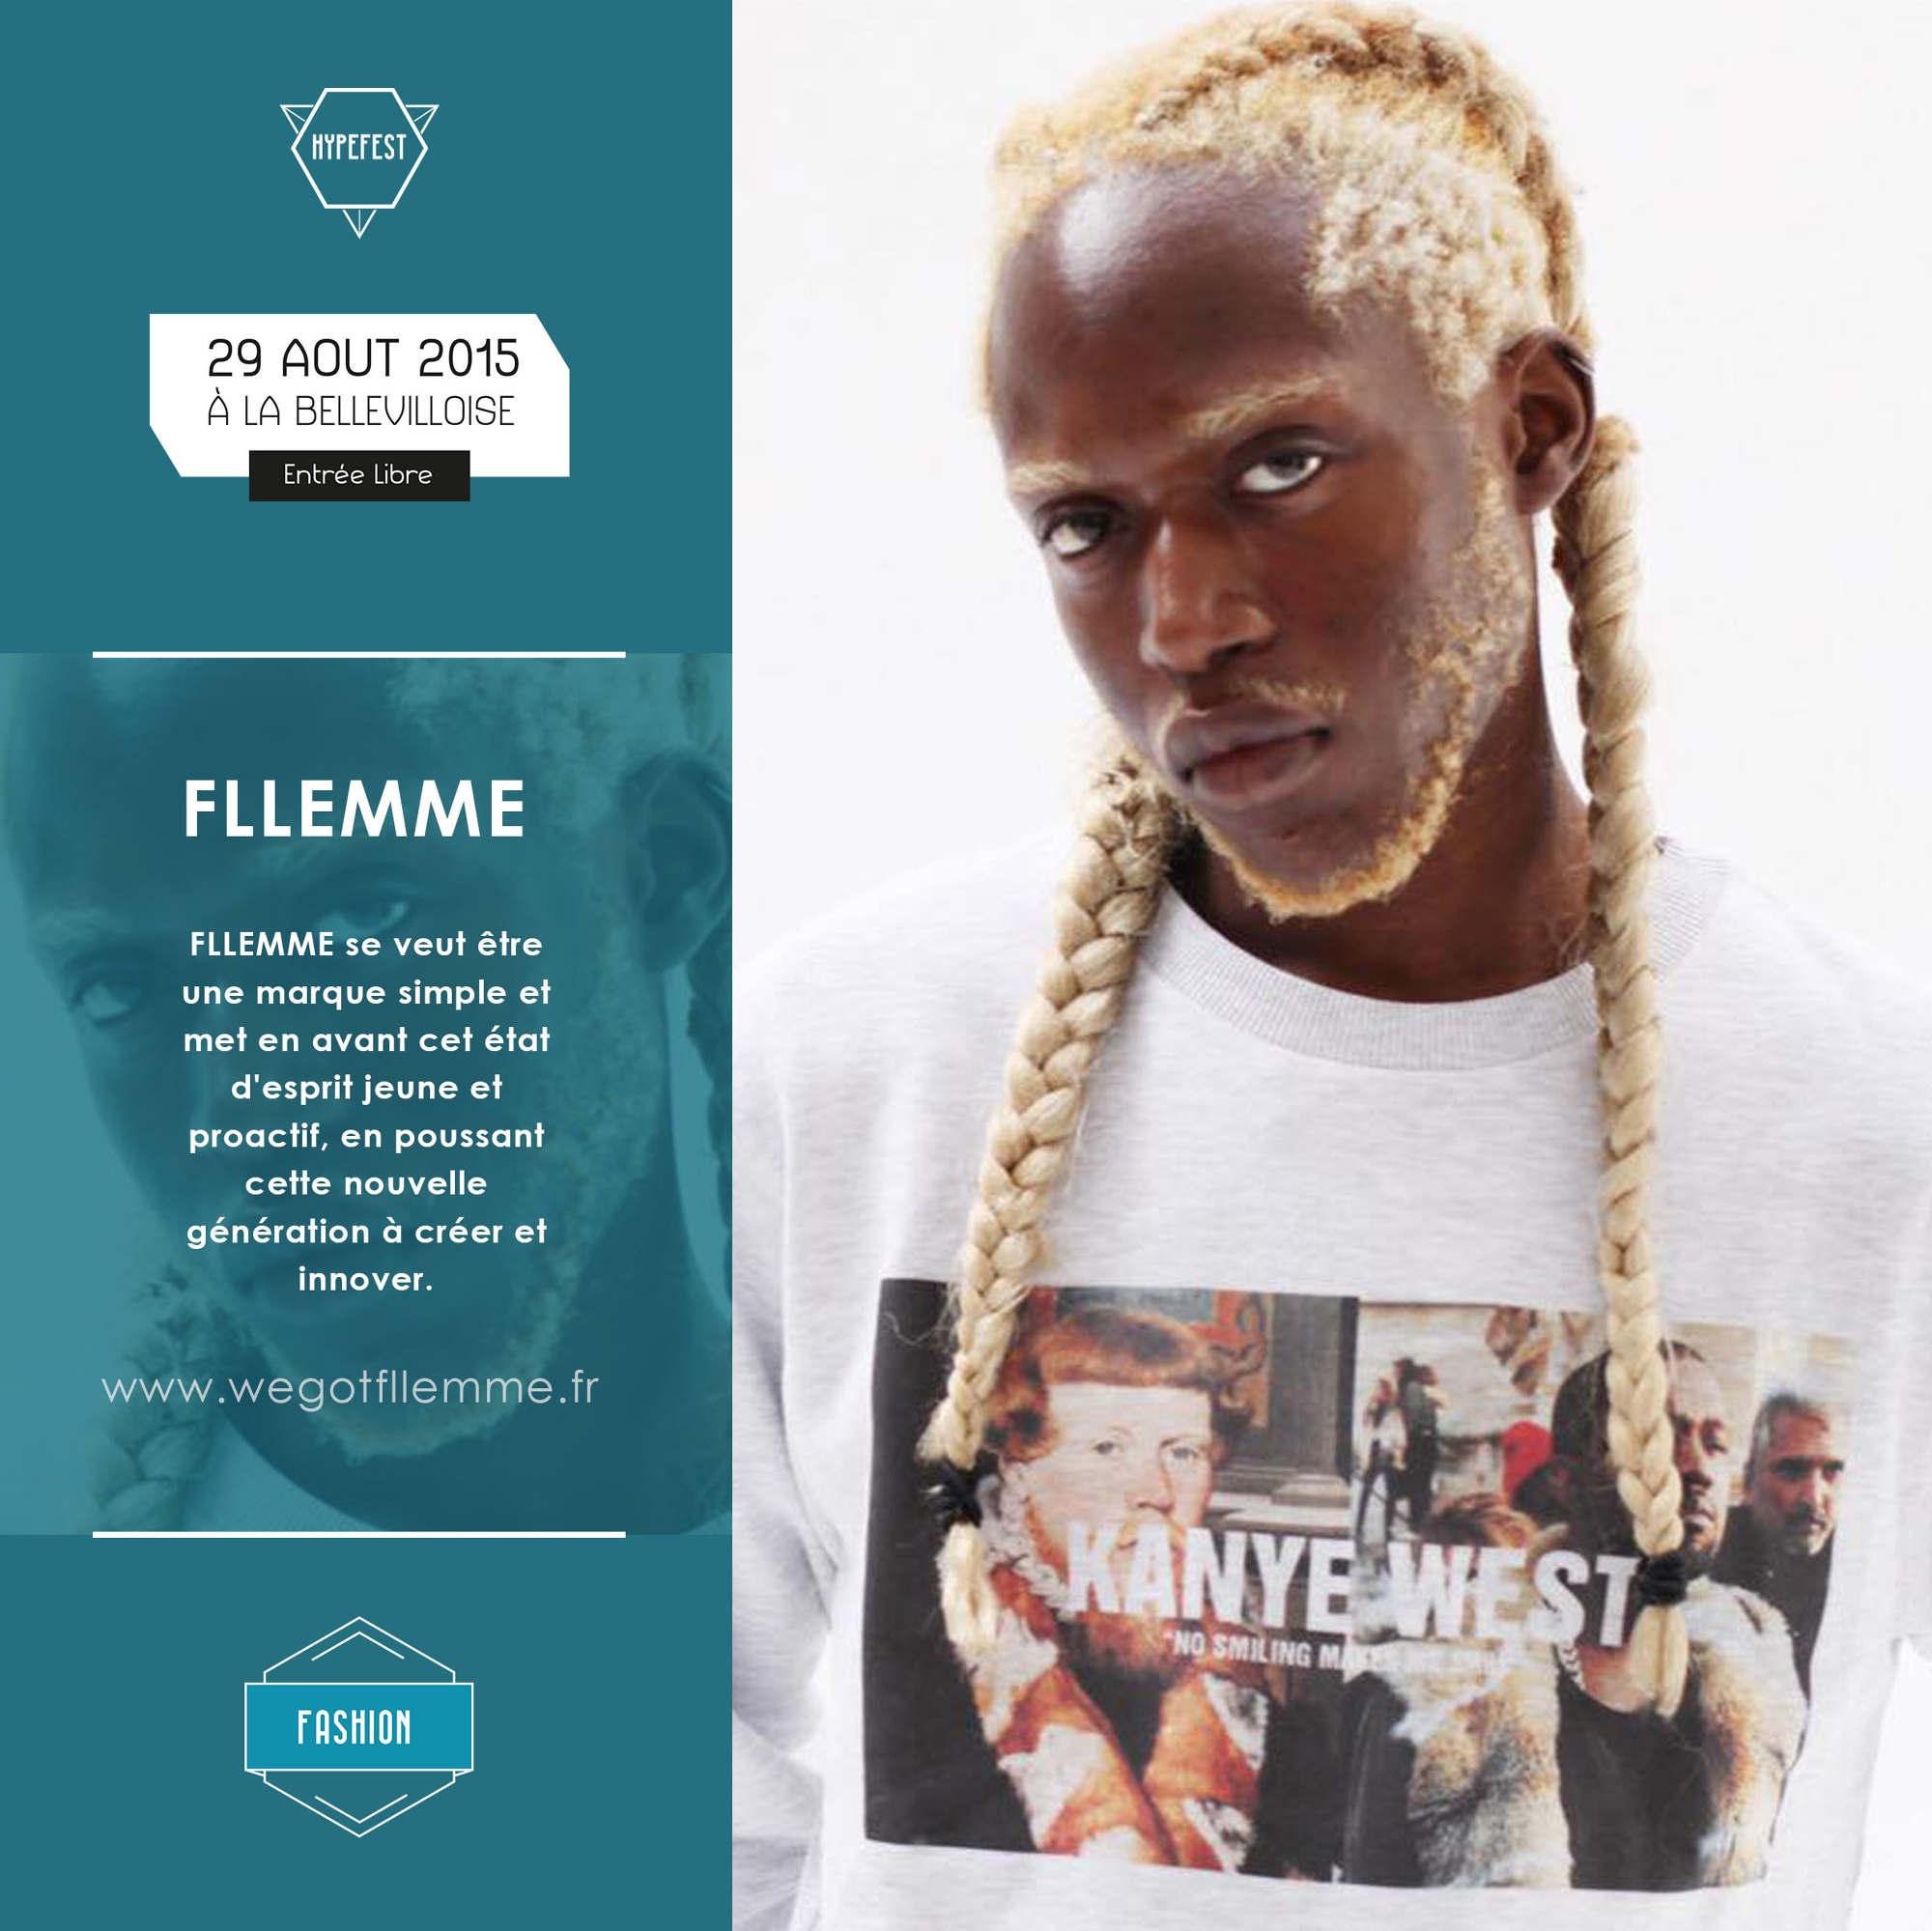 fllemme_2000_c